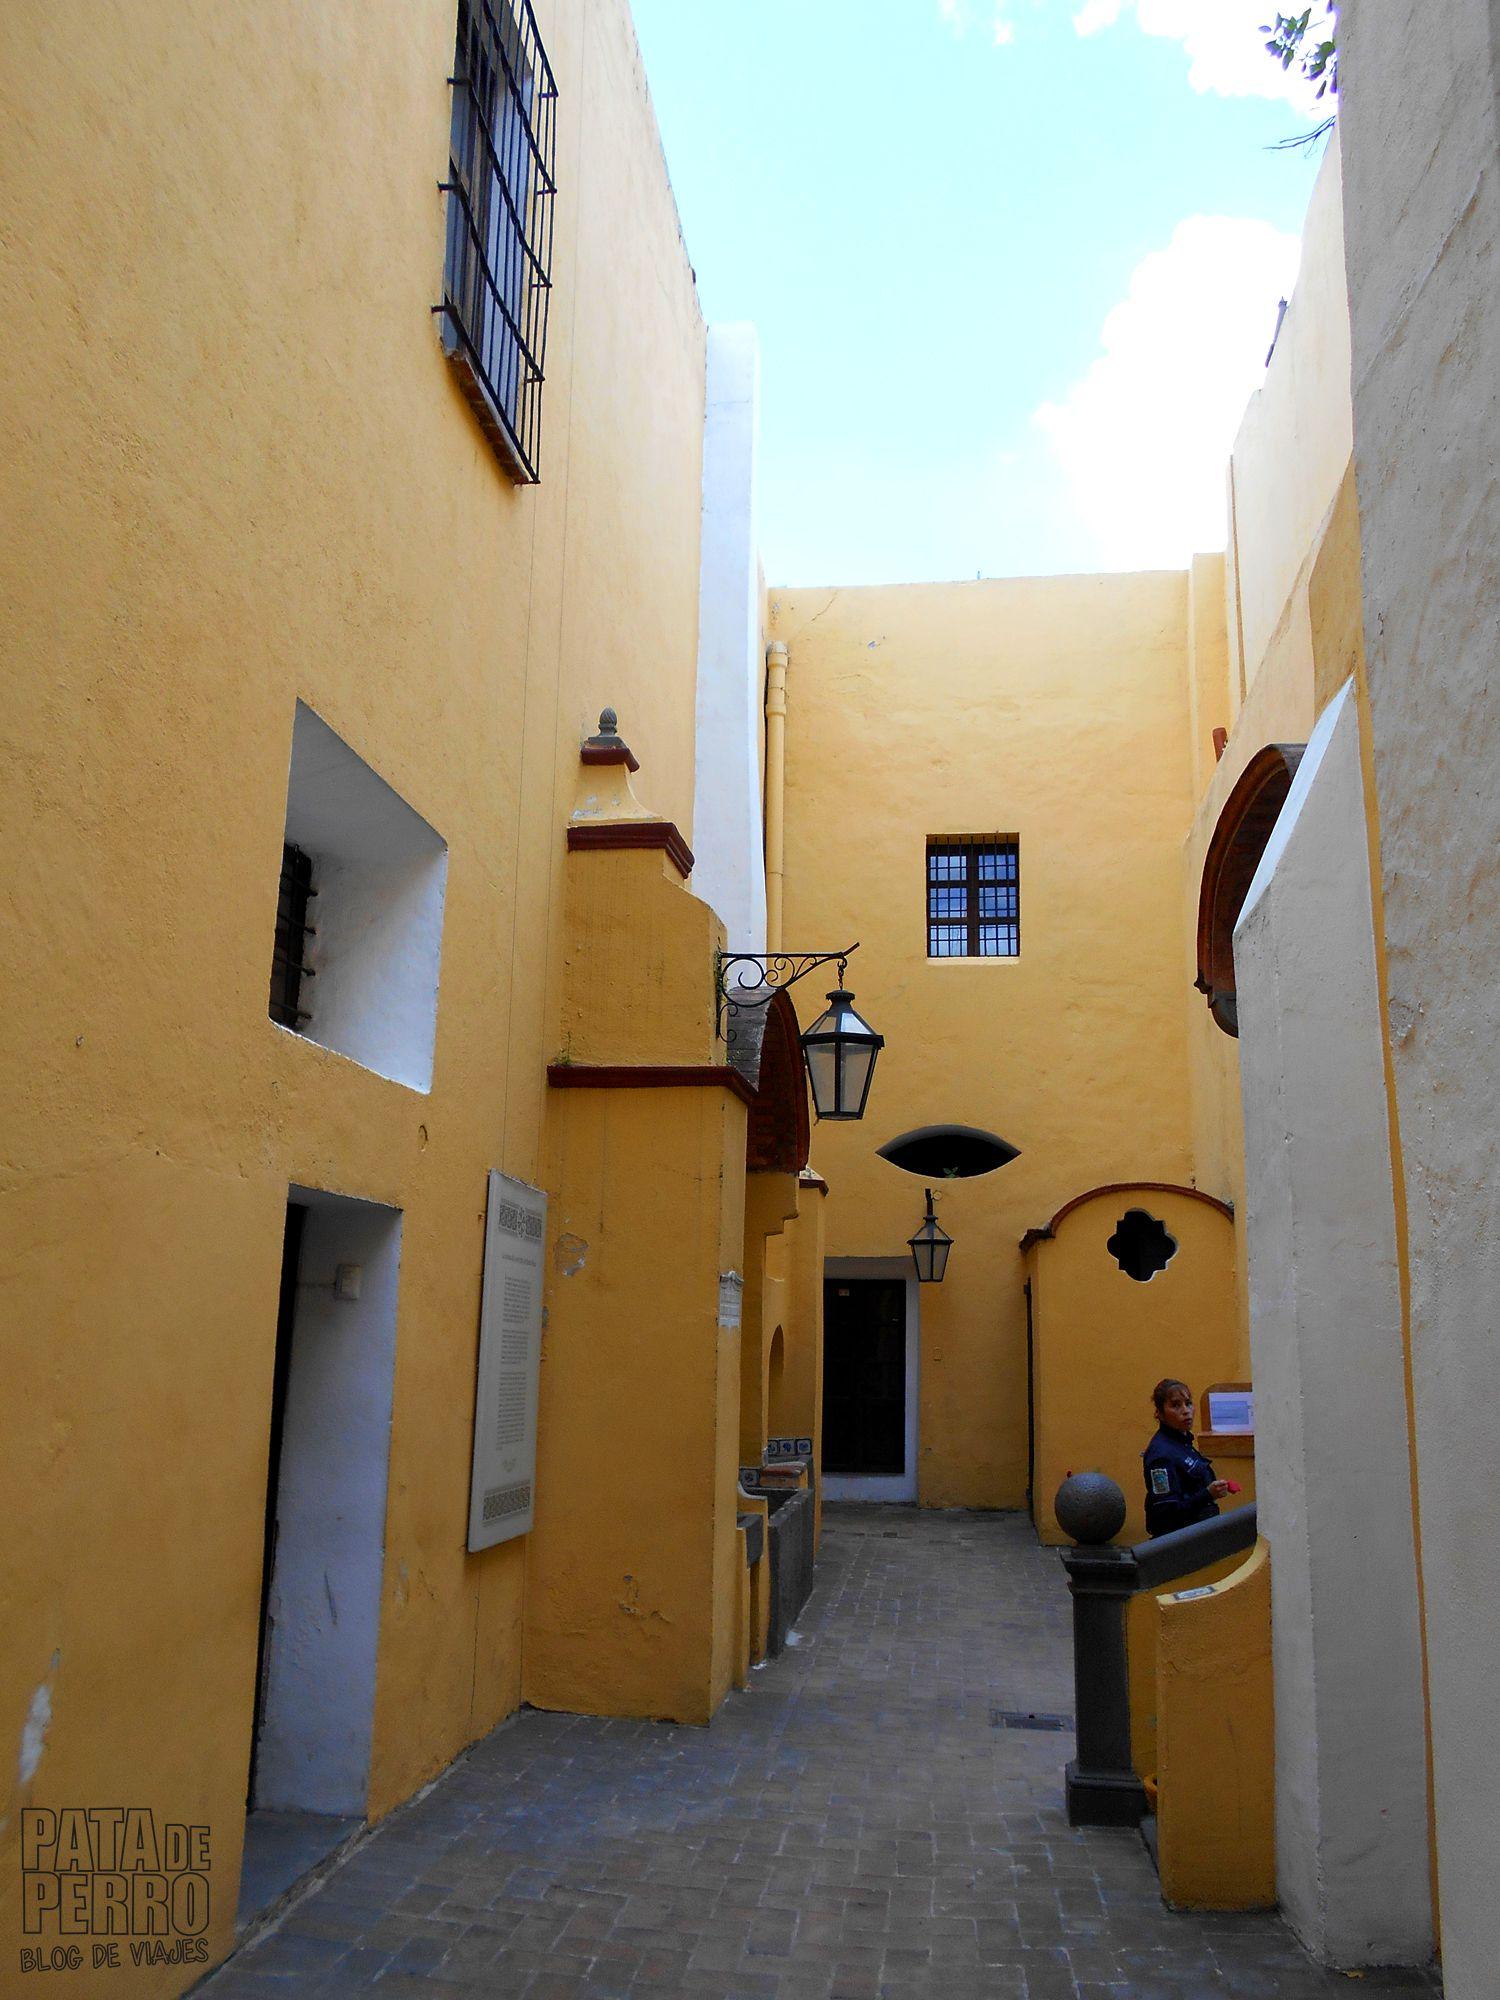 convento de santa rosa mole poblano pata de perro blog de viajes04